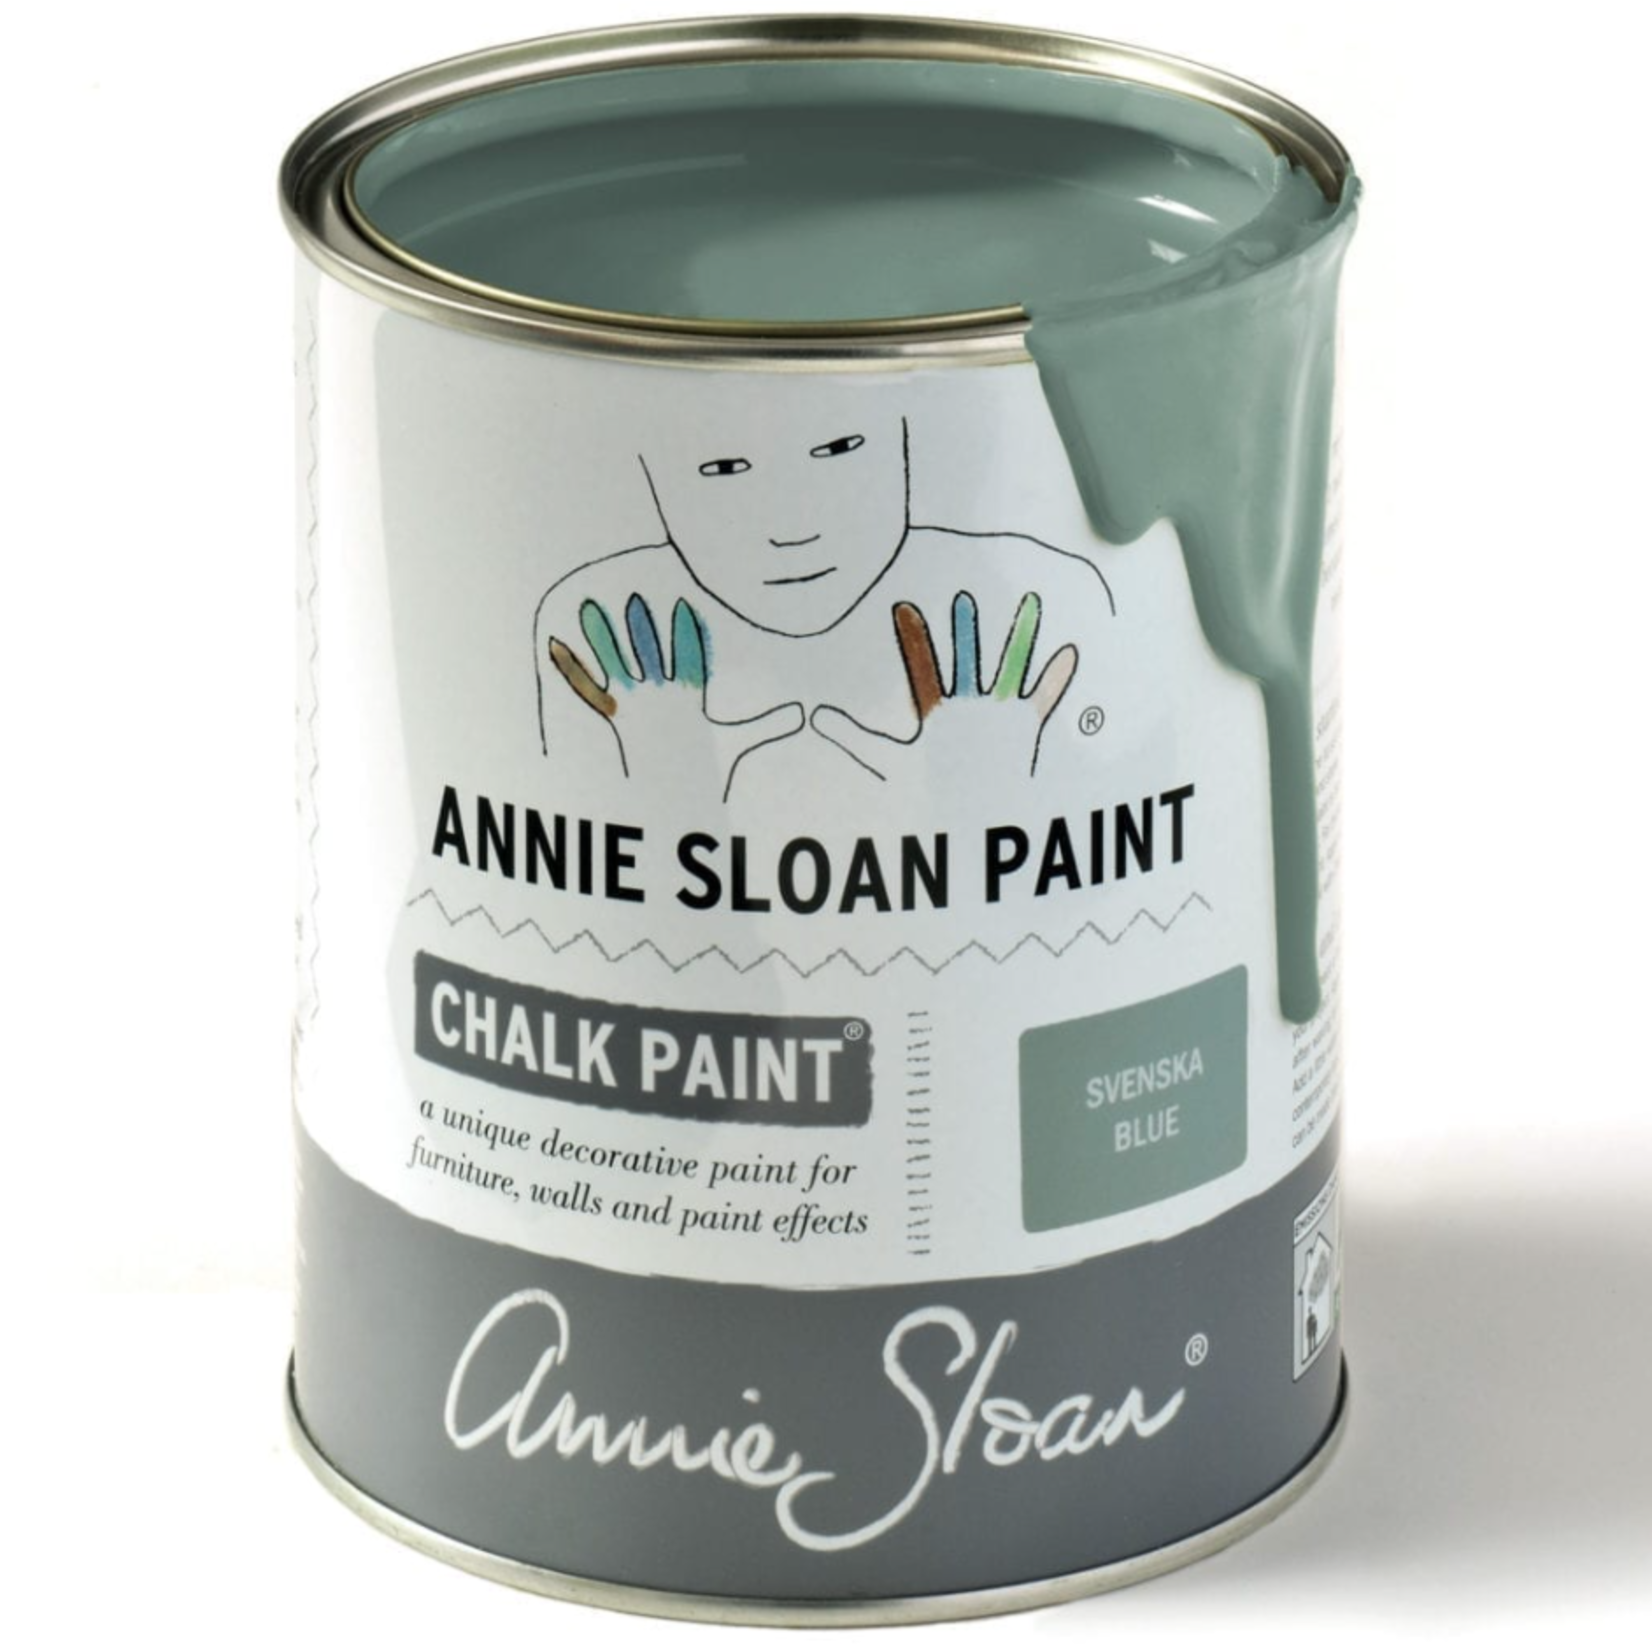 Annie Sloan Annie Sloan Svenska Blue Chalk Paint